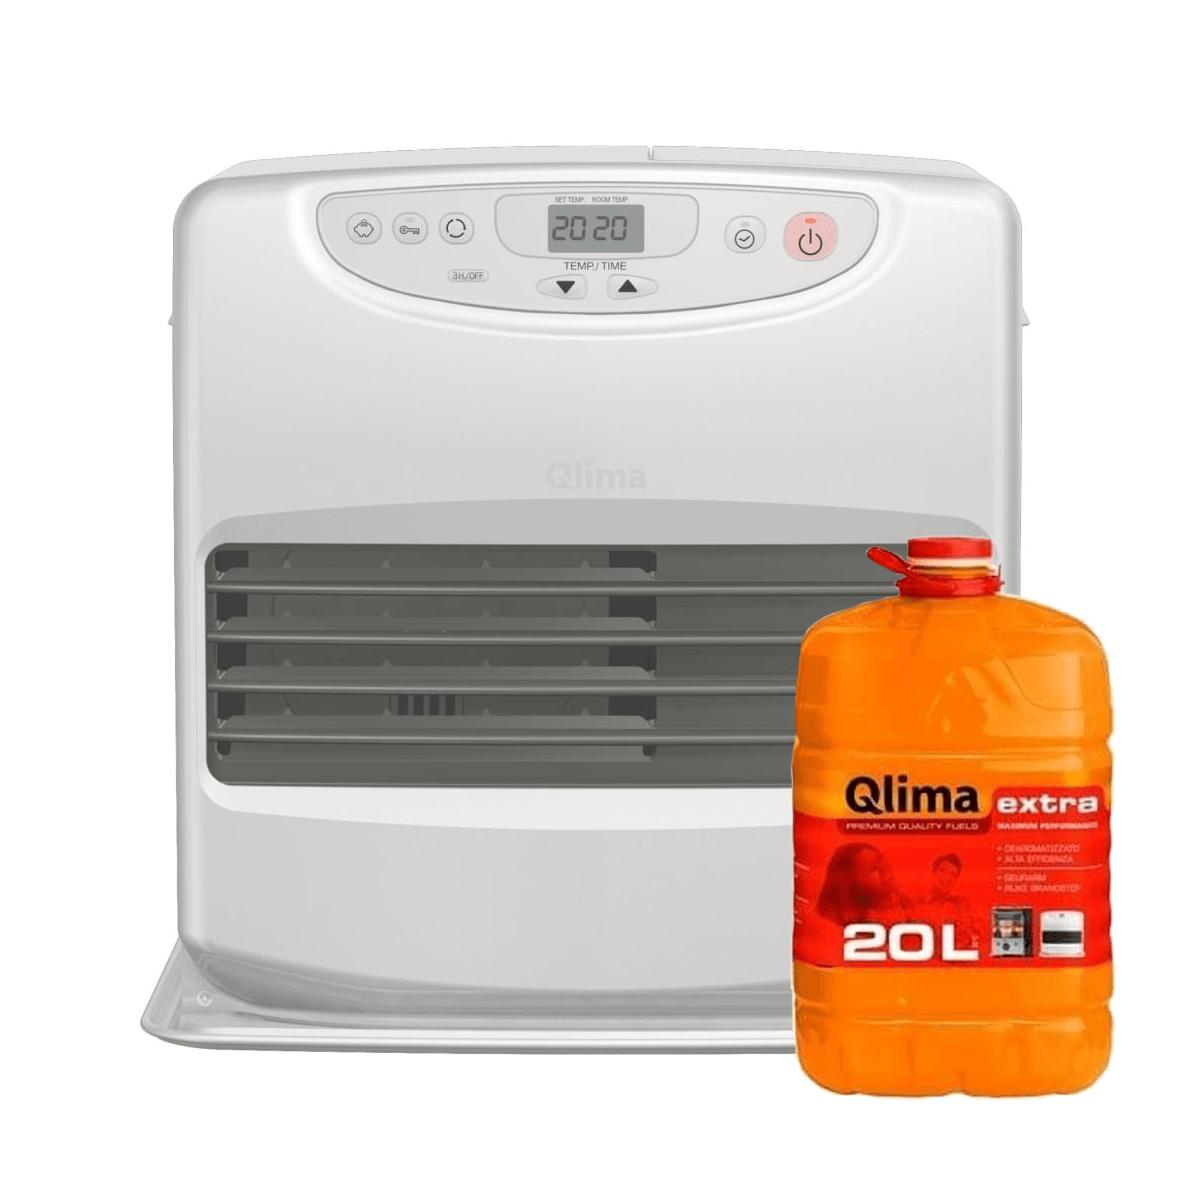 Qlima SRE 8040C Laserkachel + Gratis 20 Ltr Extra Brandstof